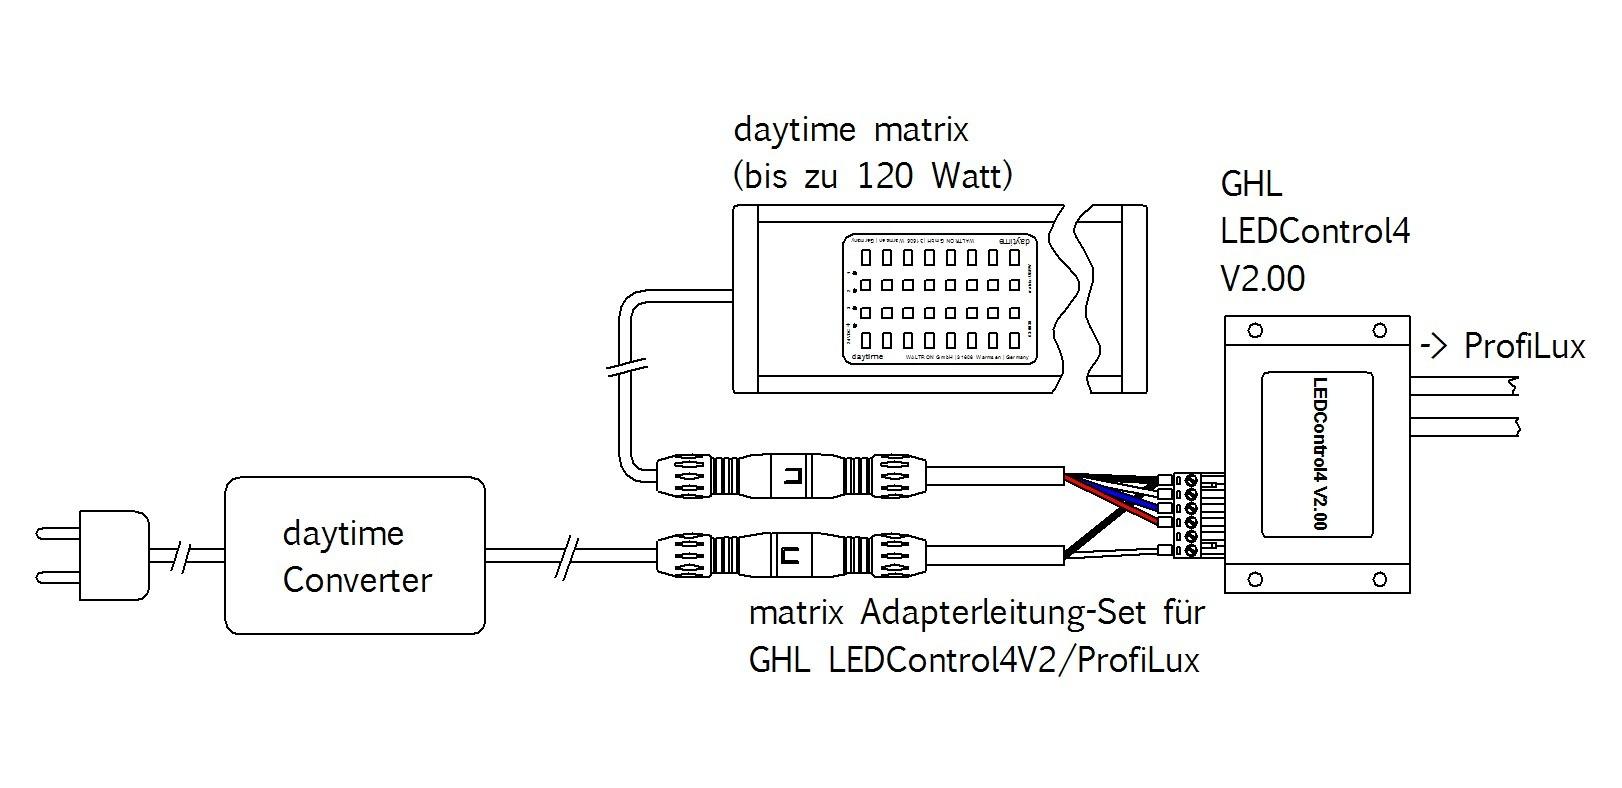 matrix aansluiten op GHL profilux computer